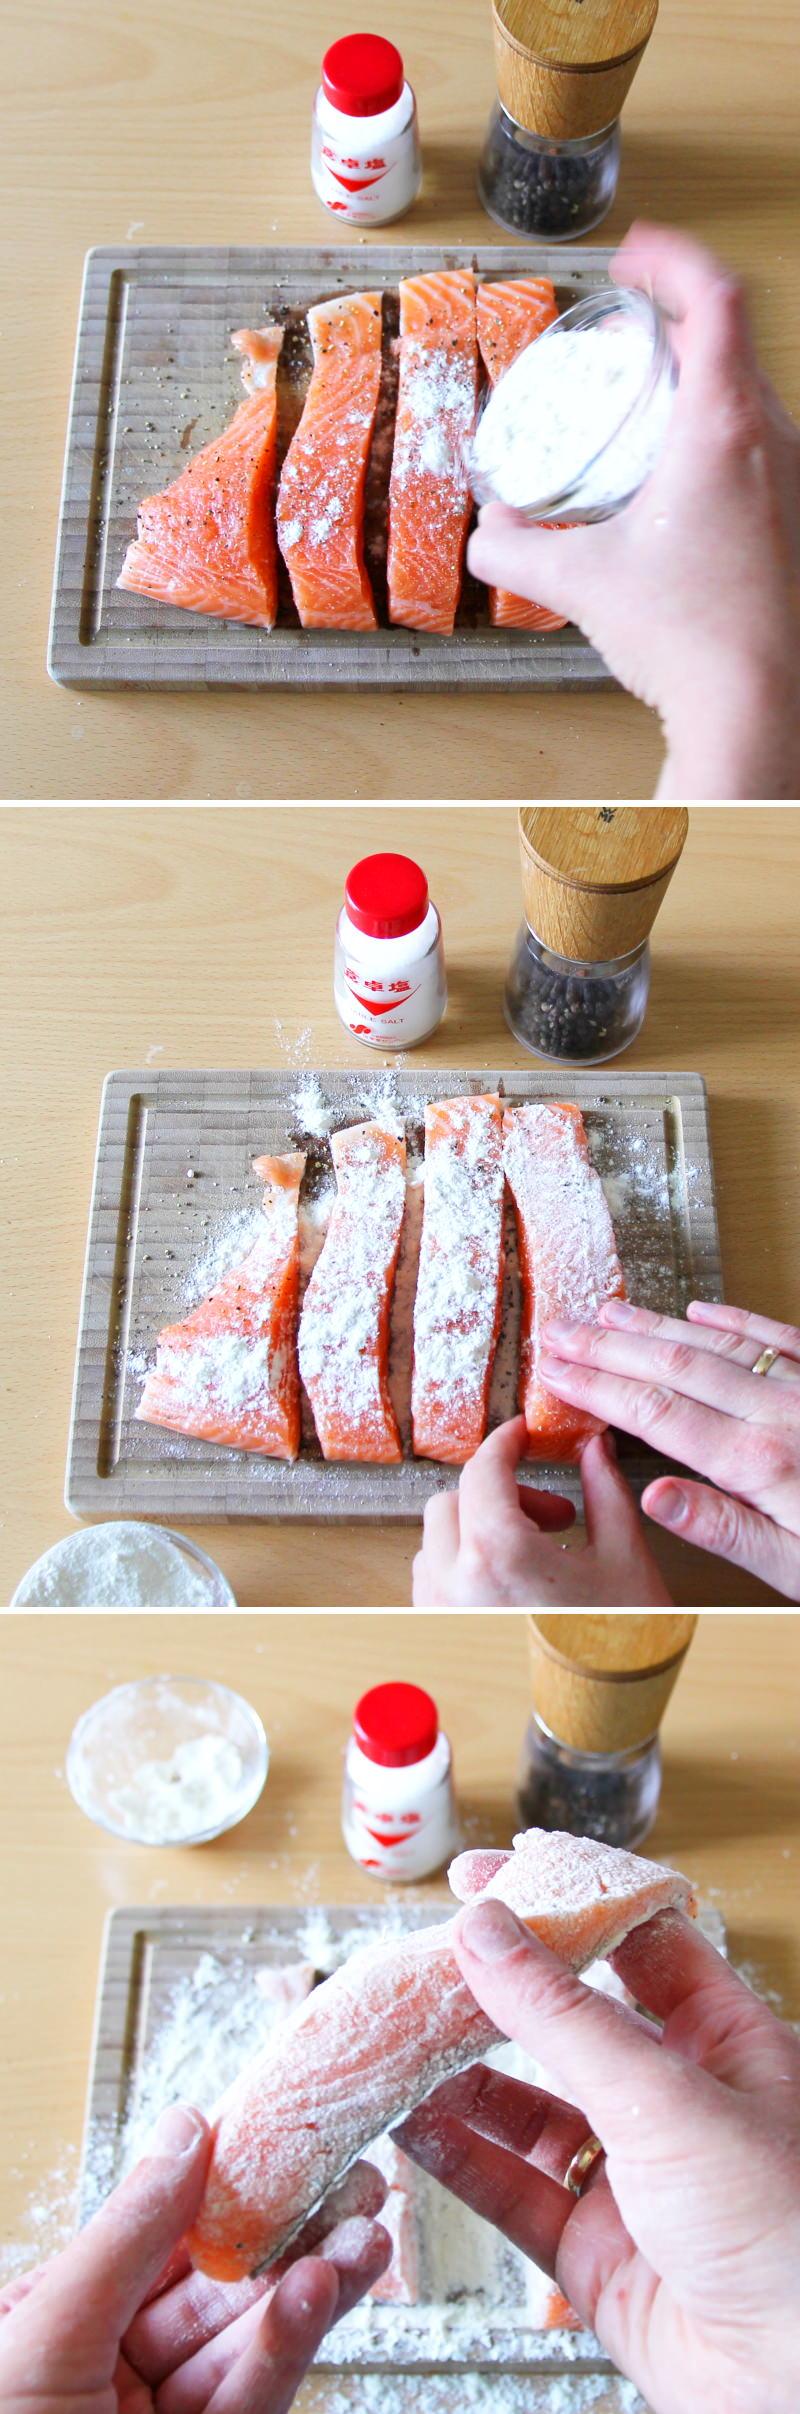 Teriyaki Lachs Schritt 4 Fisch vorbereiten